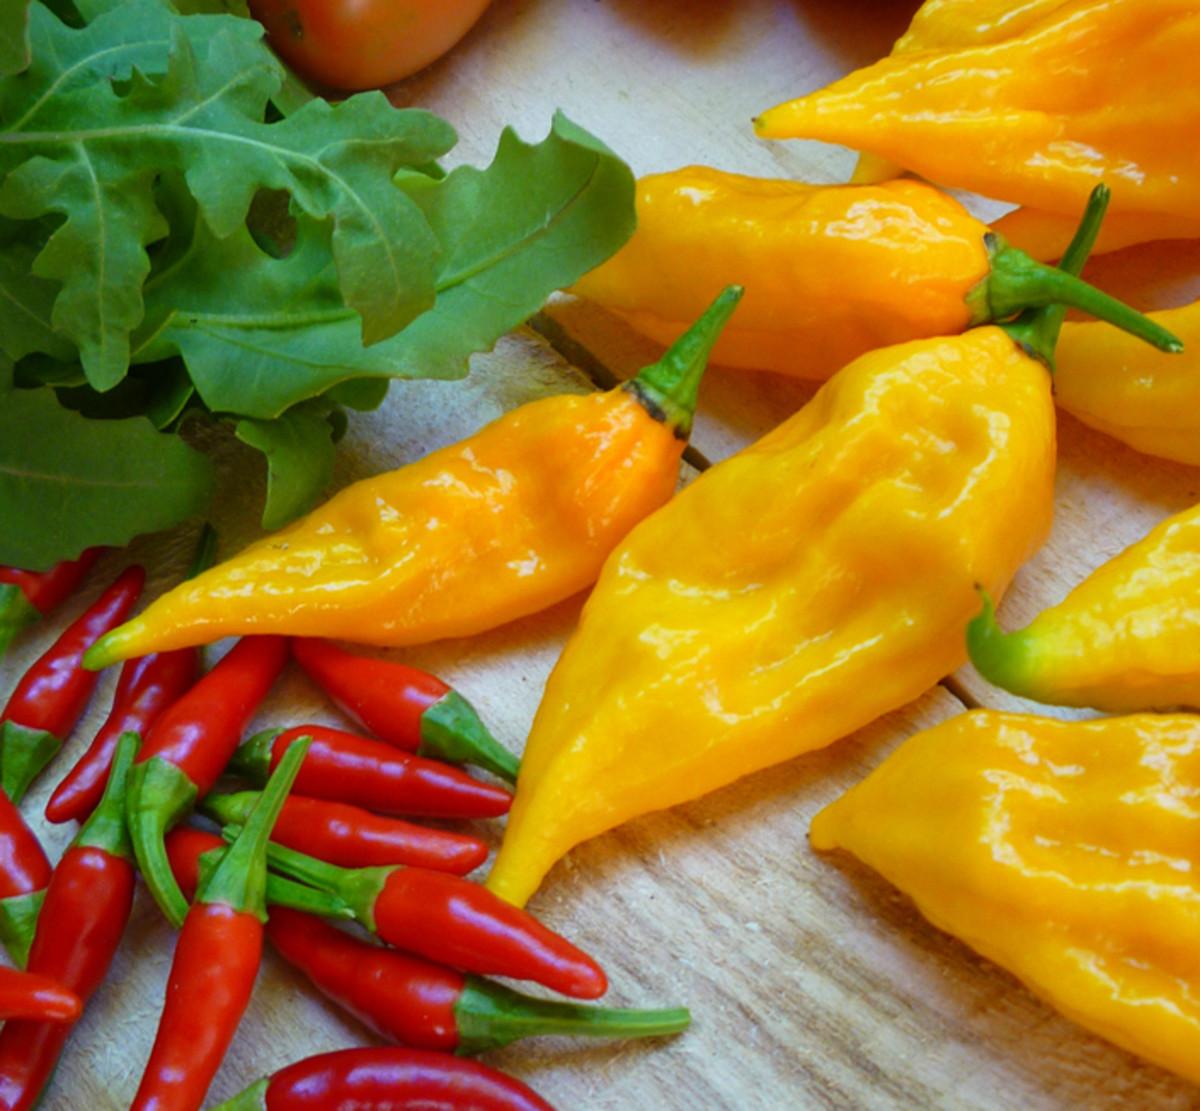 Fatalii peppers harvested summer 2013.